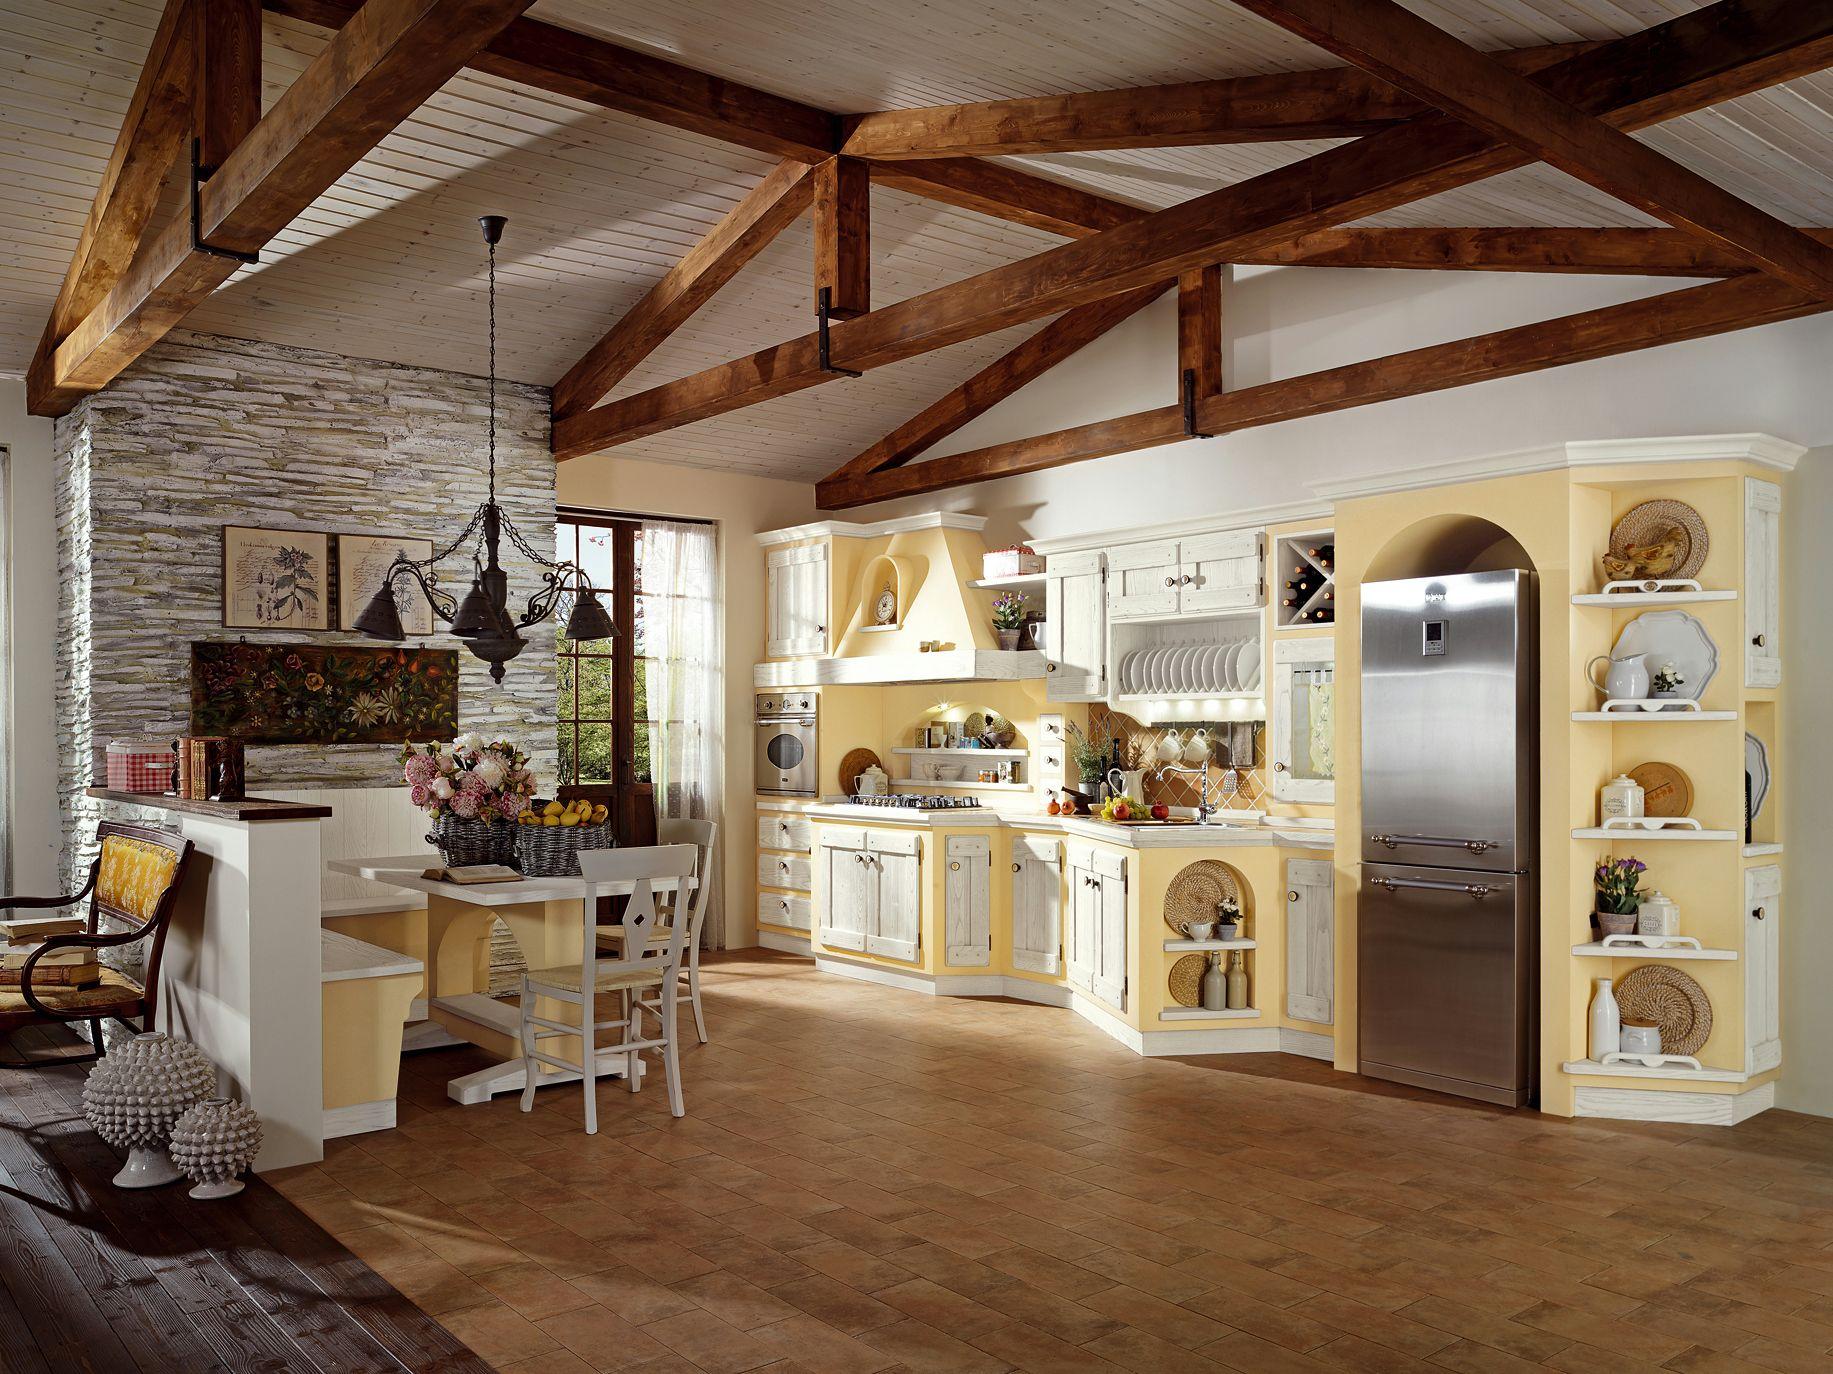 Mobili Componibili Per Cucina Ikea : Mobili componibili per cucina ikea elegant emejing mobili